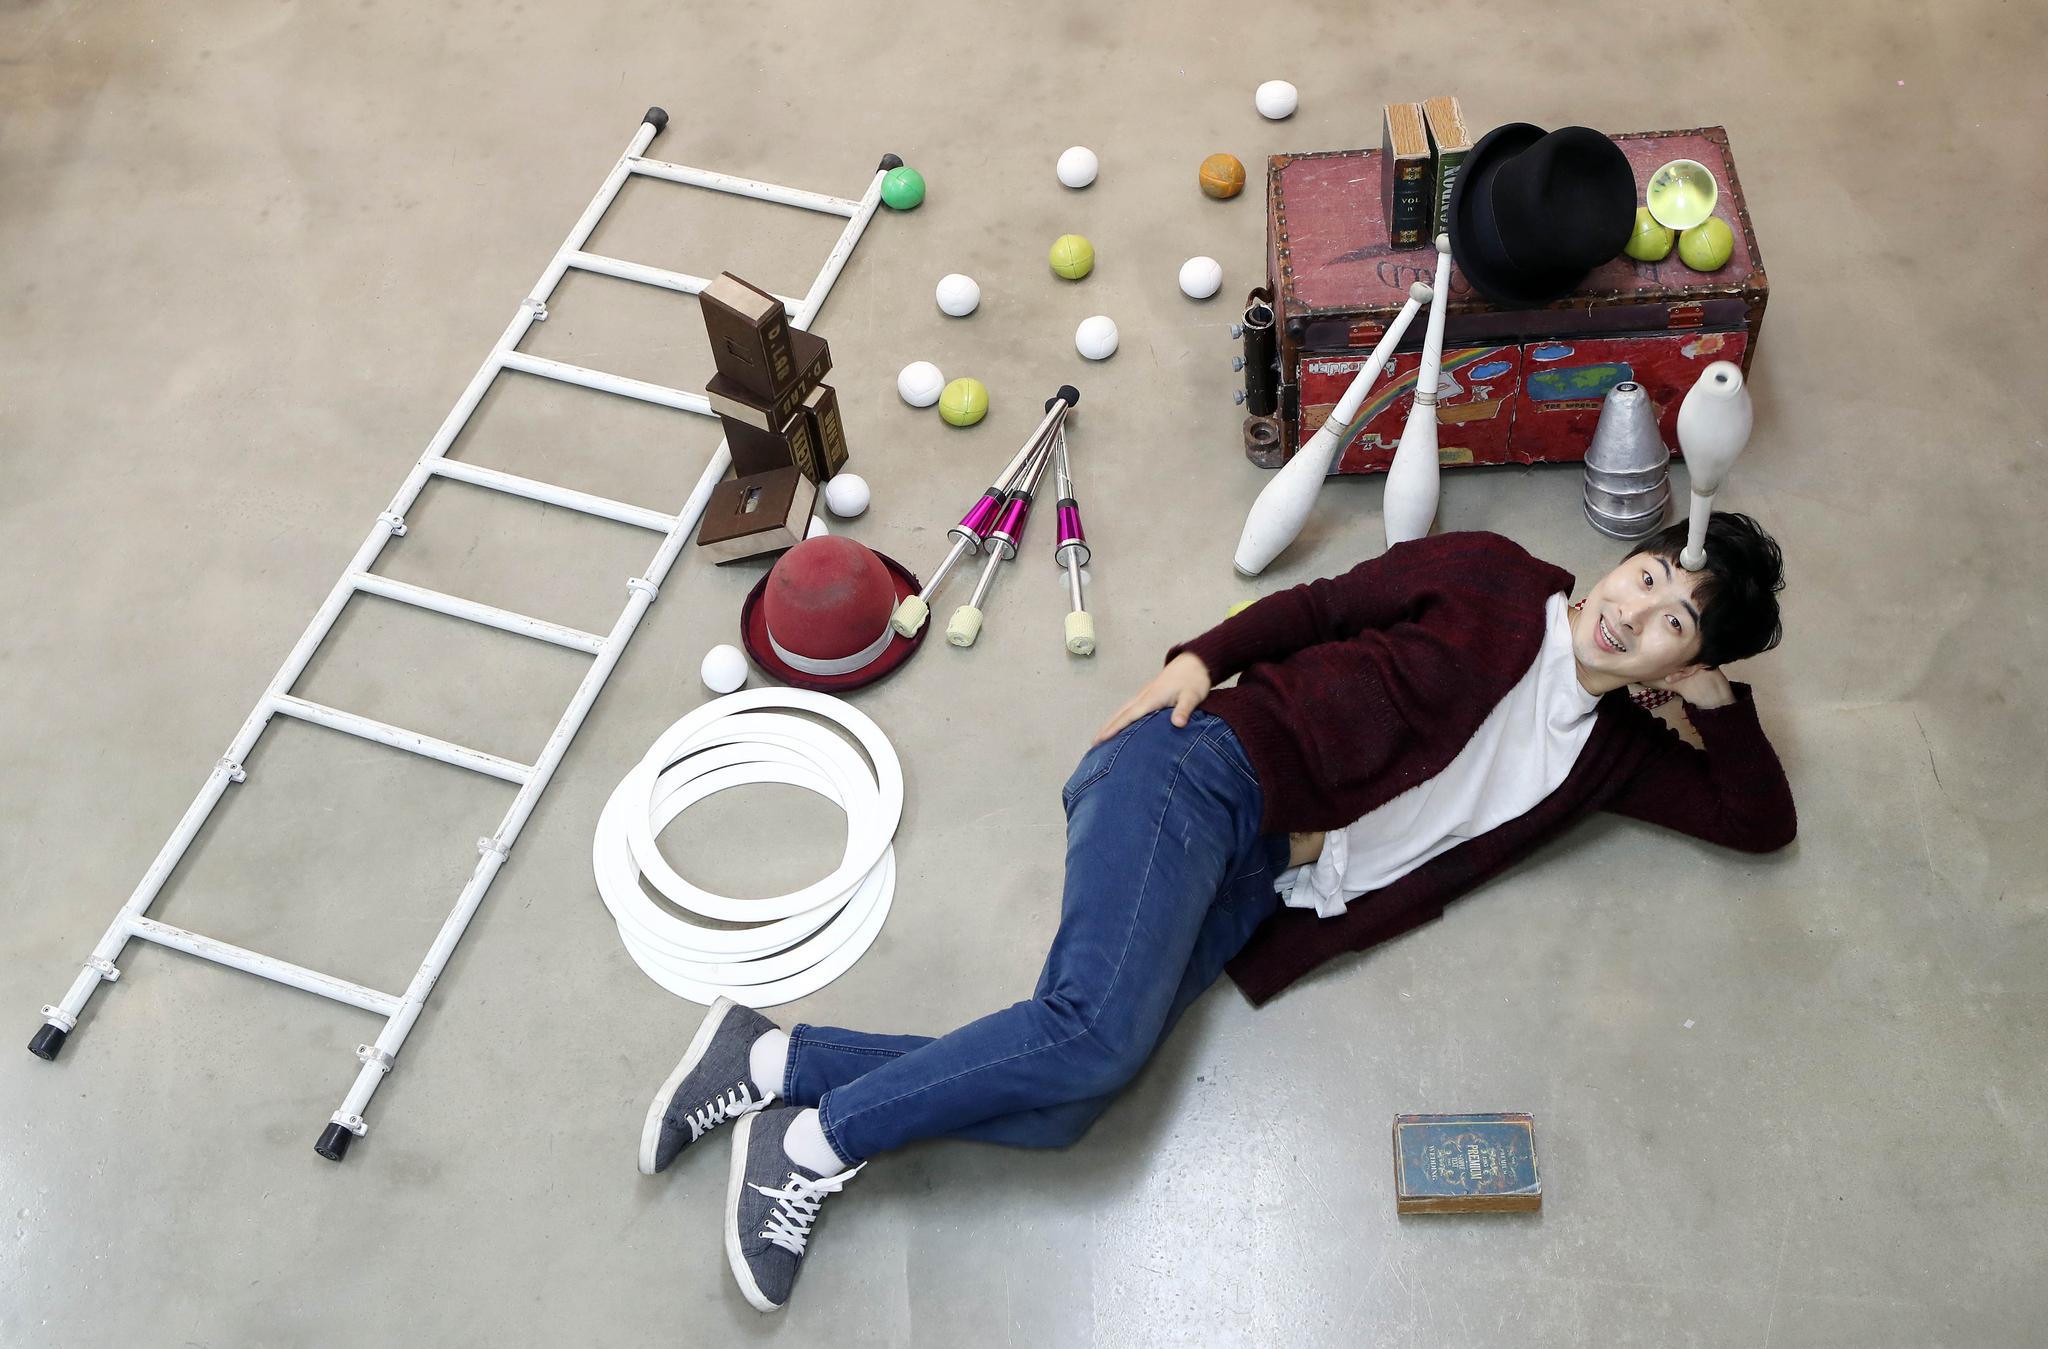 저글링 퍼포머 함서율씨가 지난 9일 경기도 구리 연습실에서 자신이 공연 때 사용하는 모자,볼, 컵 등 다양한 저글링 도구와 함께 포즈를 취했다. 변선구 기자